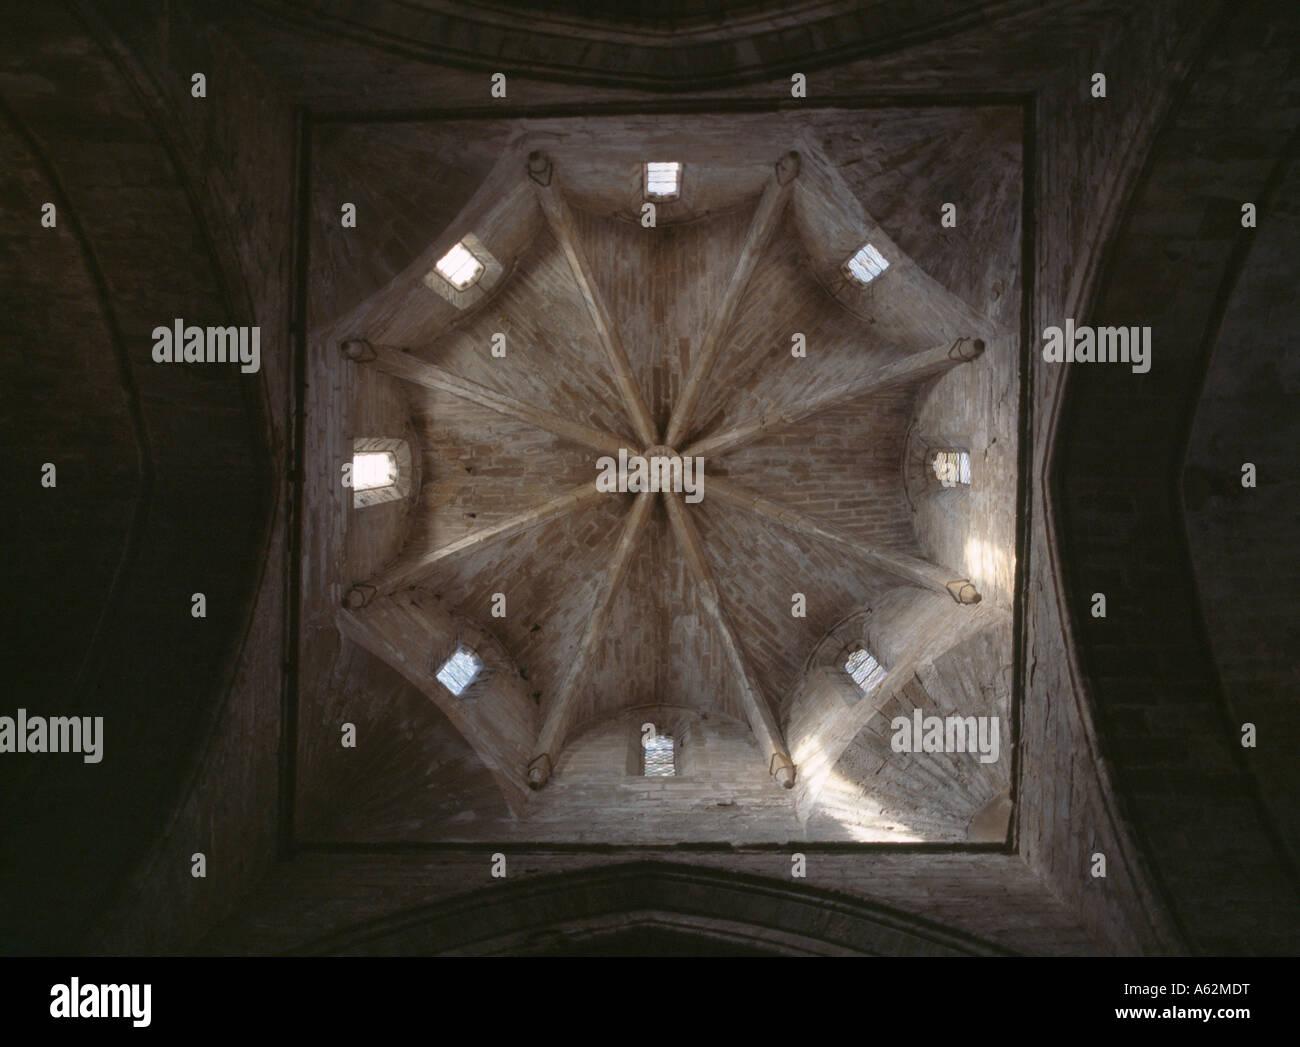 Vallbona, Klosterkirche, Blick in die Vierungskuppel - Stock Image